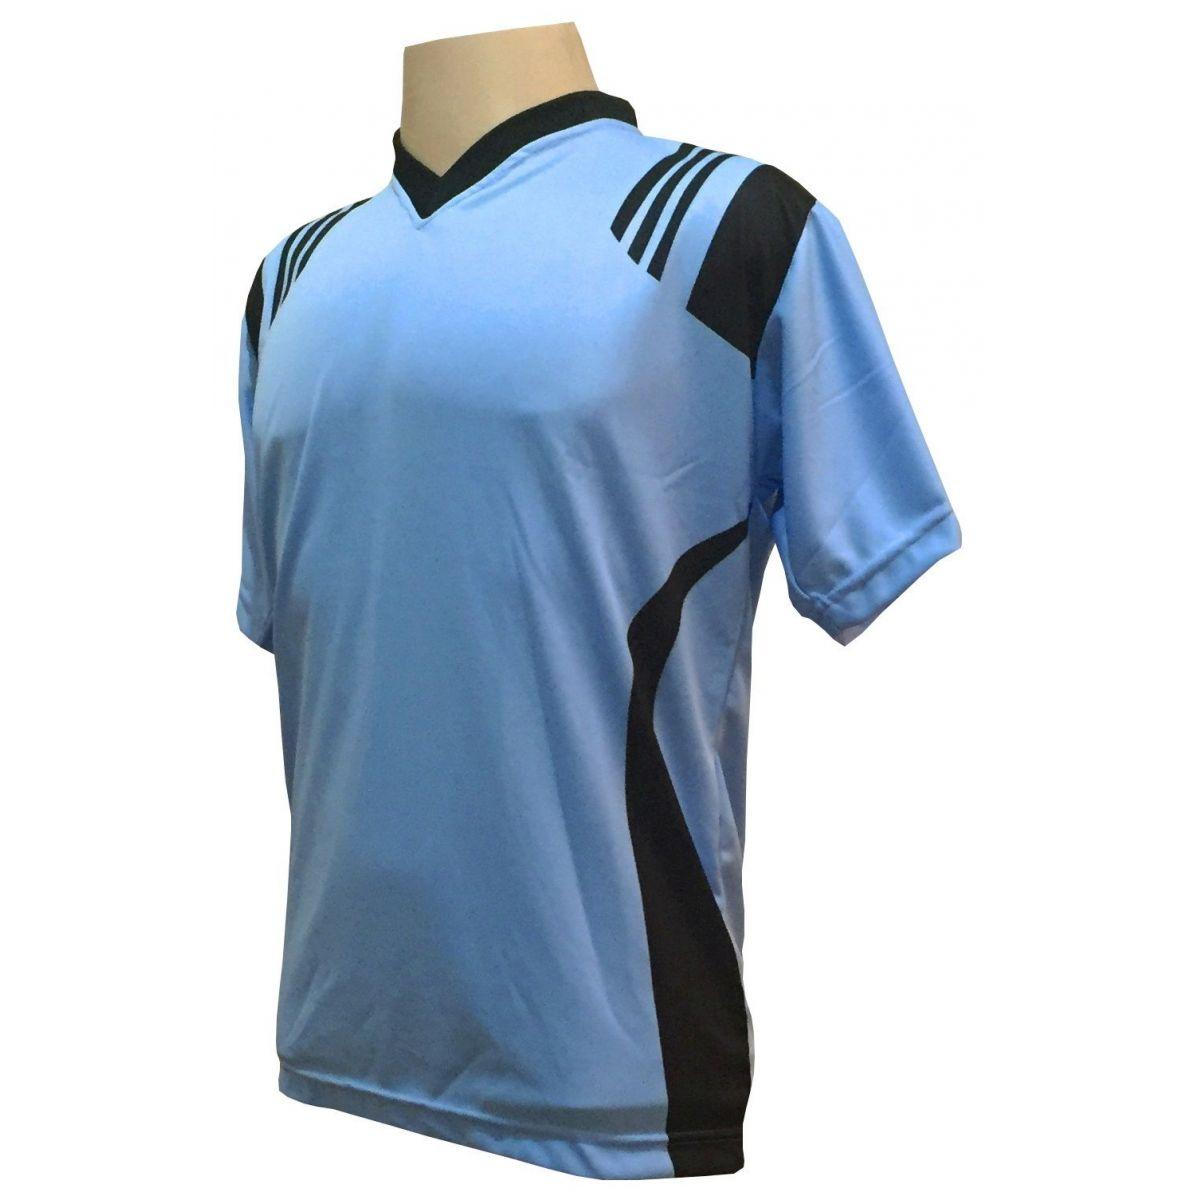 Jogo de Camisa com 18 unidades modelo Roma Celeste/Preto